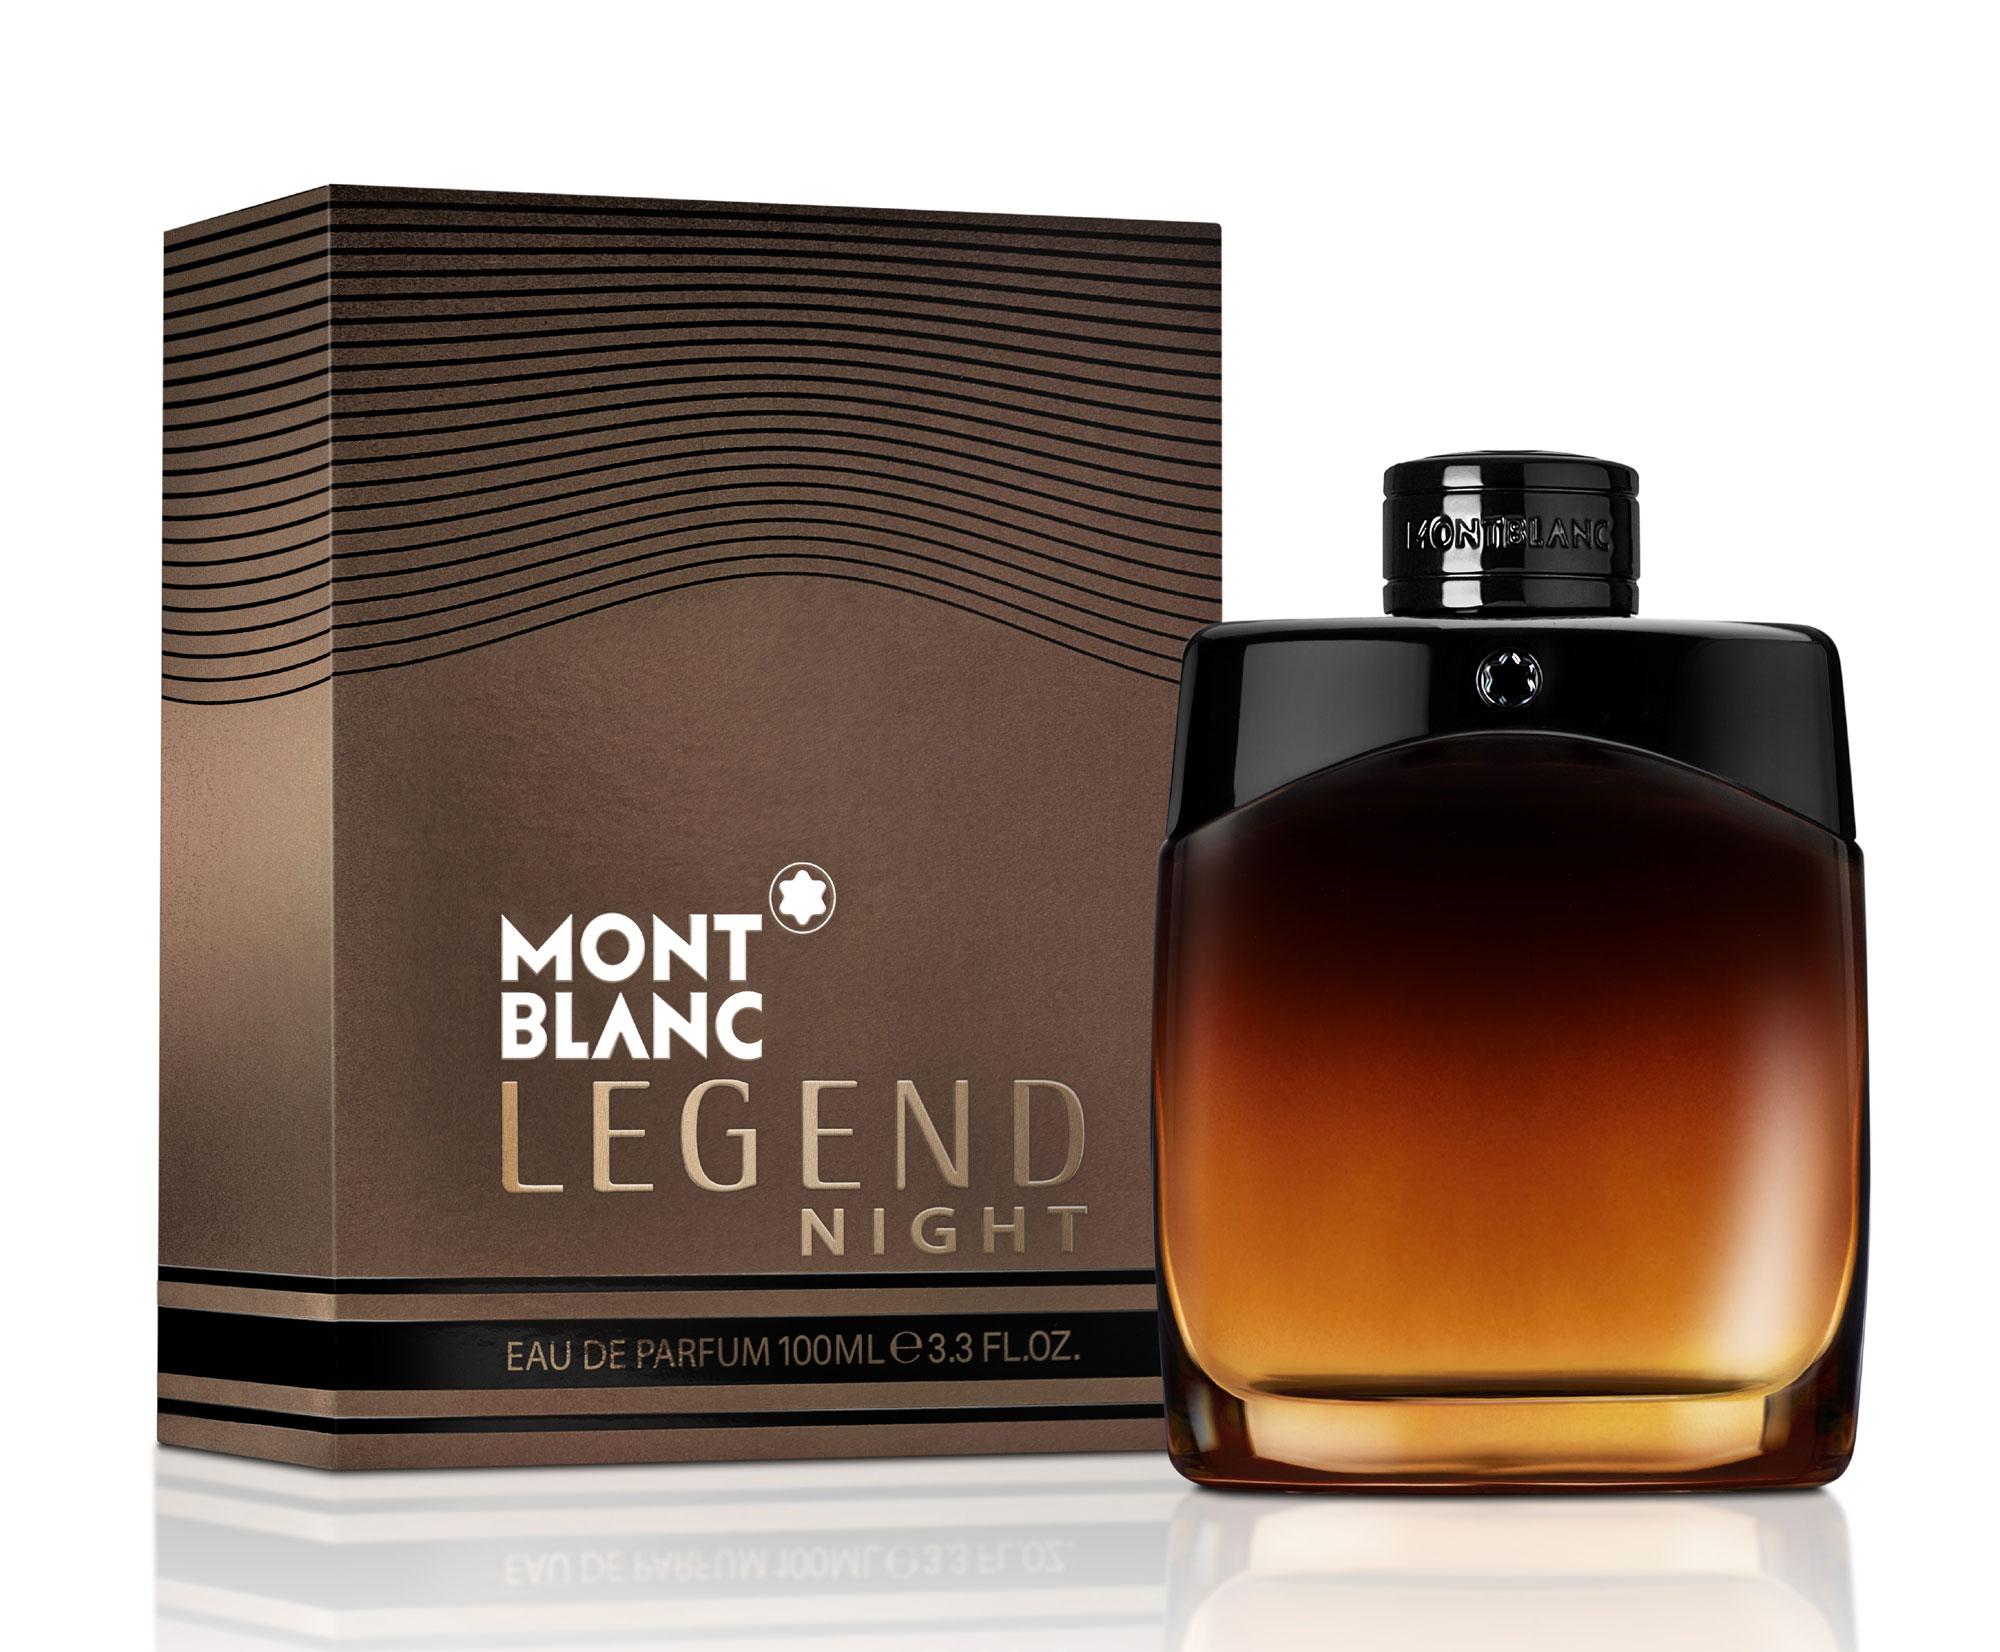 legend night montblanc cologne un nouveau parfum pour. Black Bedroom Furniture Sets. Home Design Ideas